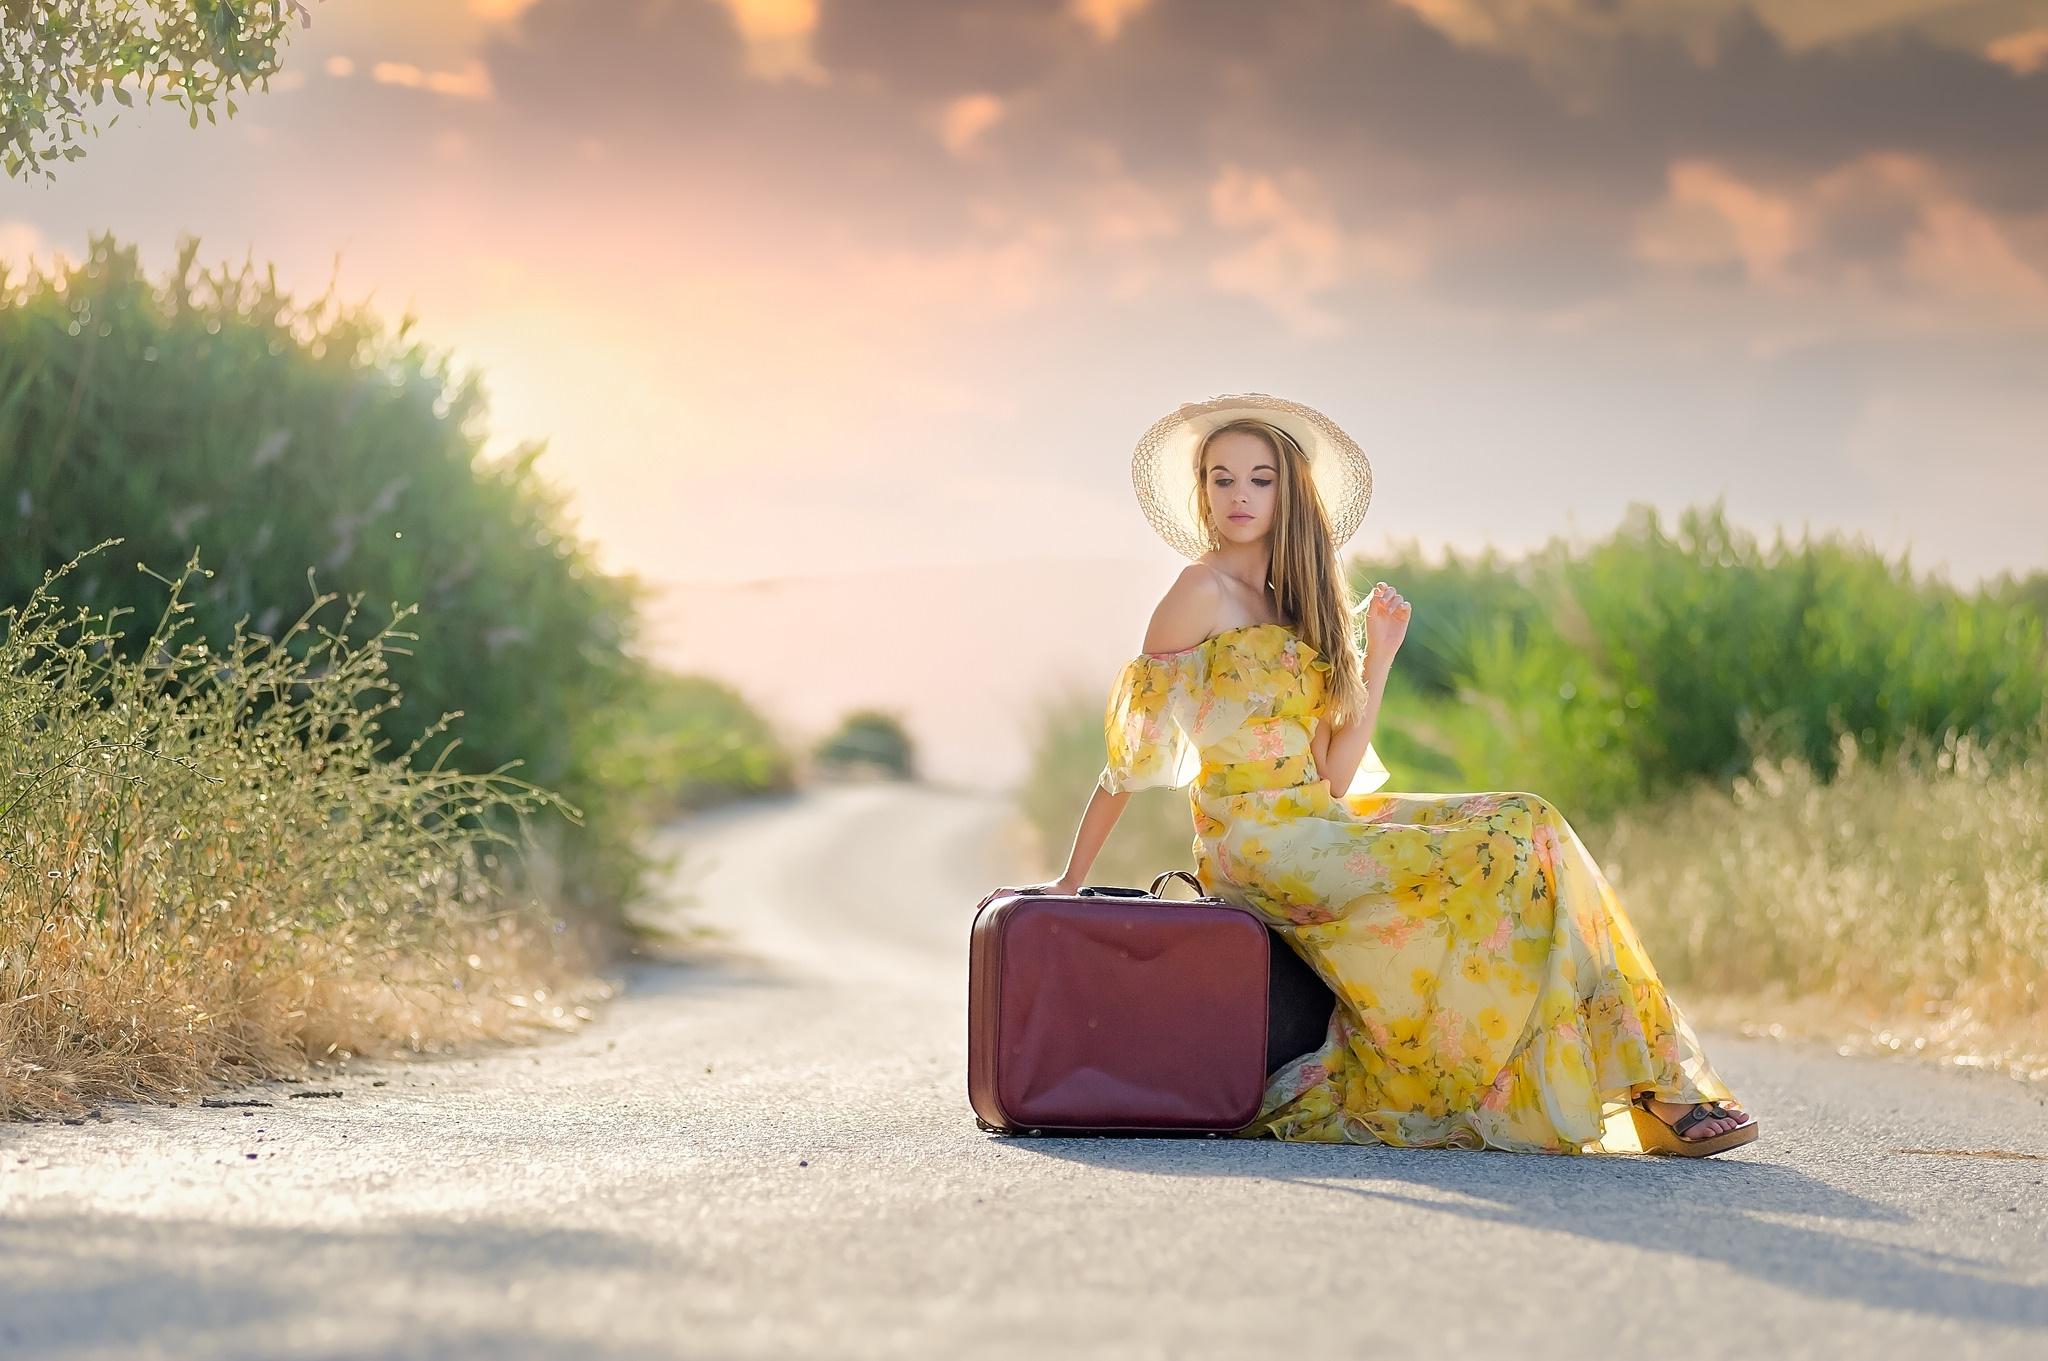 дом дверь чемодан женщина  № 3388062 бесплатно